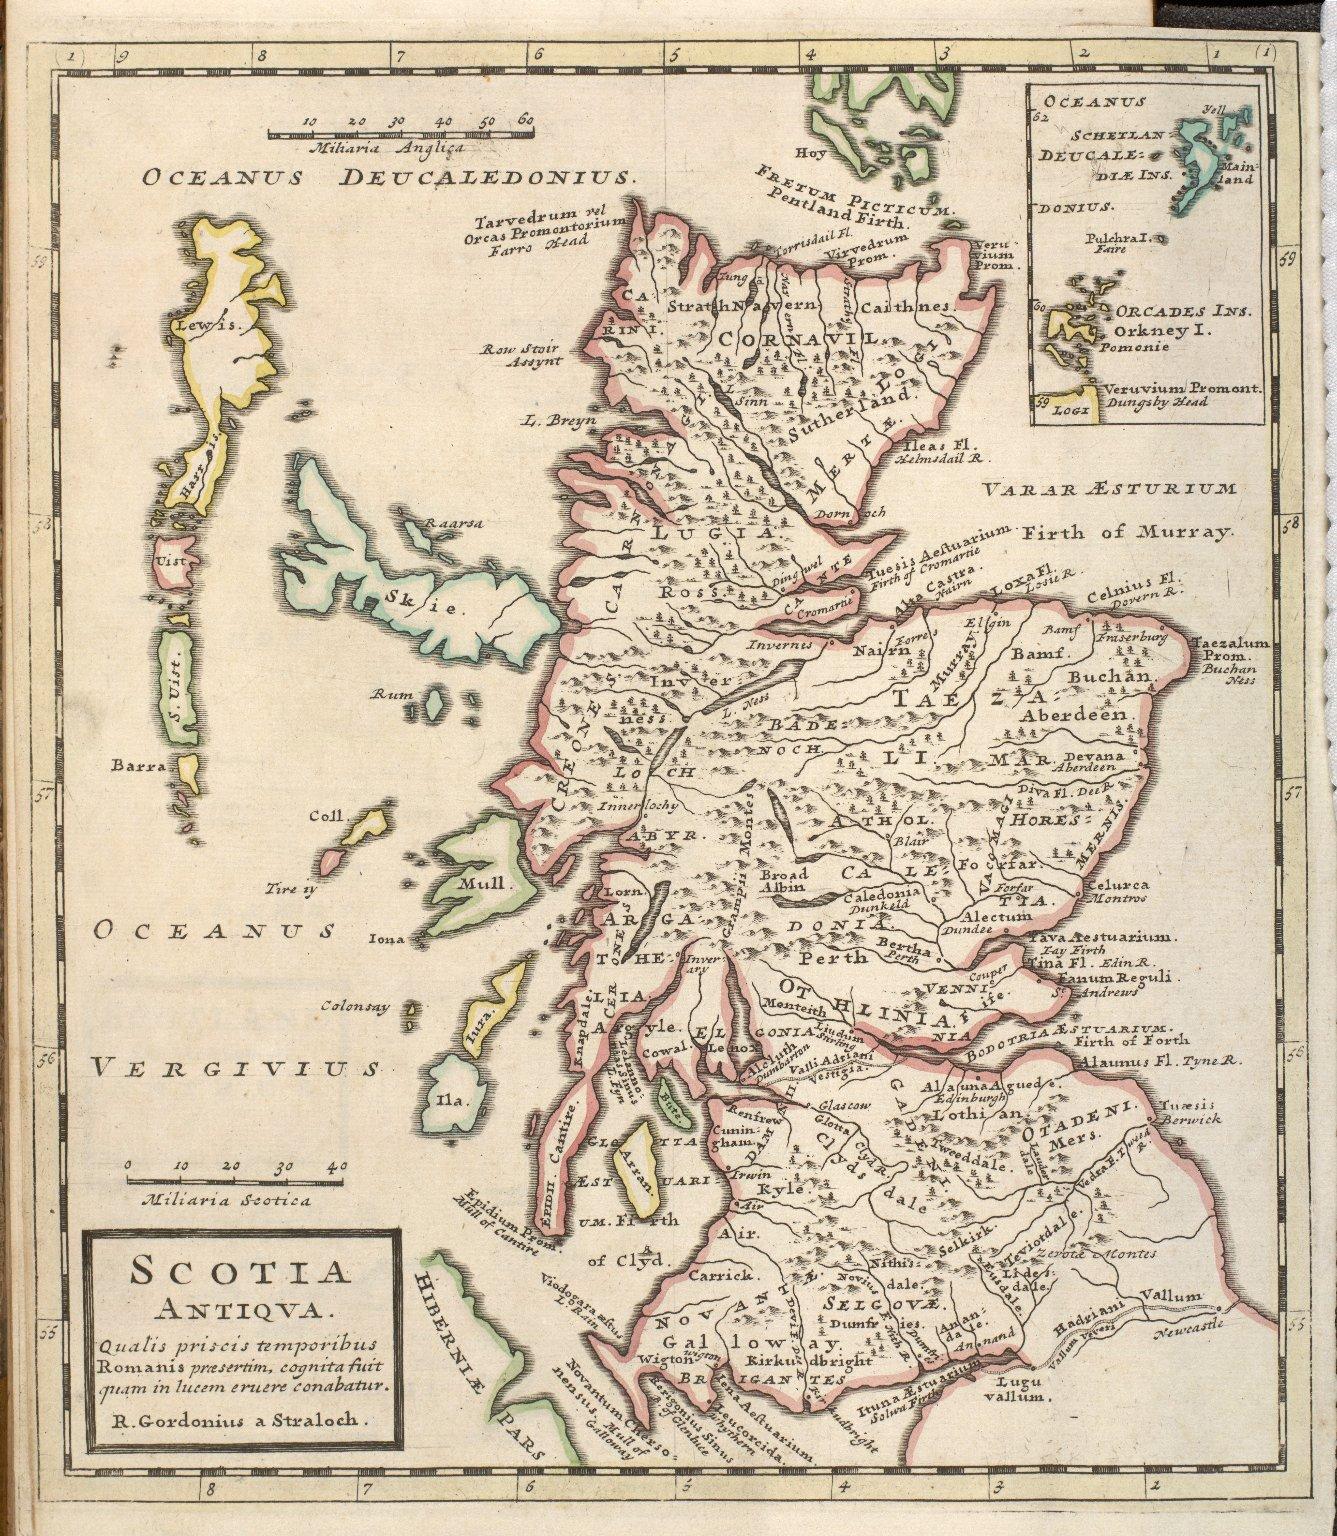 Scotia Antiqua. Qualis priscis temporibus Romanis praesertim, cognita suit quam in lucem eruere conabatur. R. Gordonius a Straloch. [1 of 1]